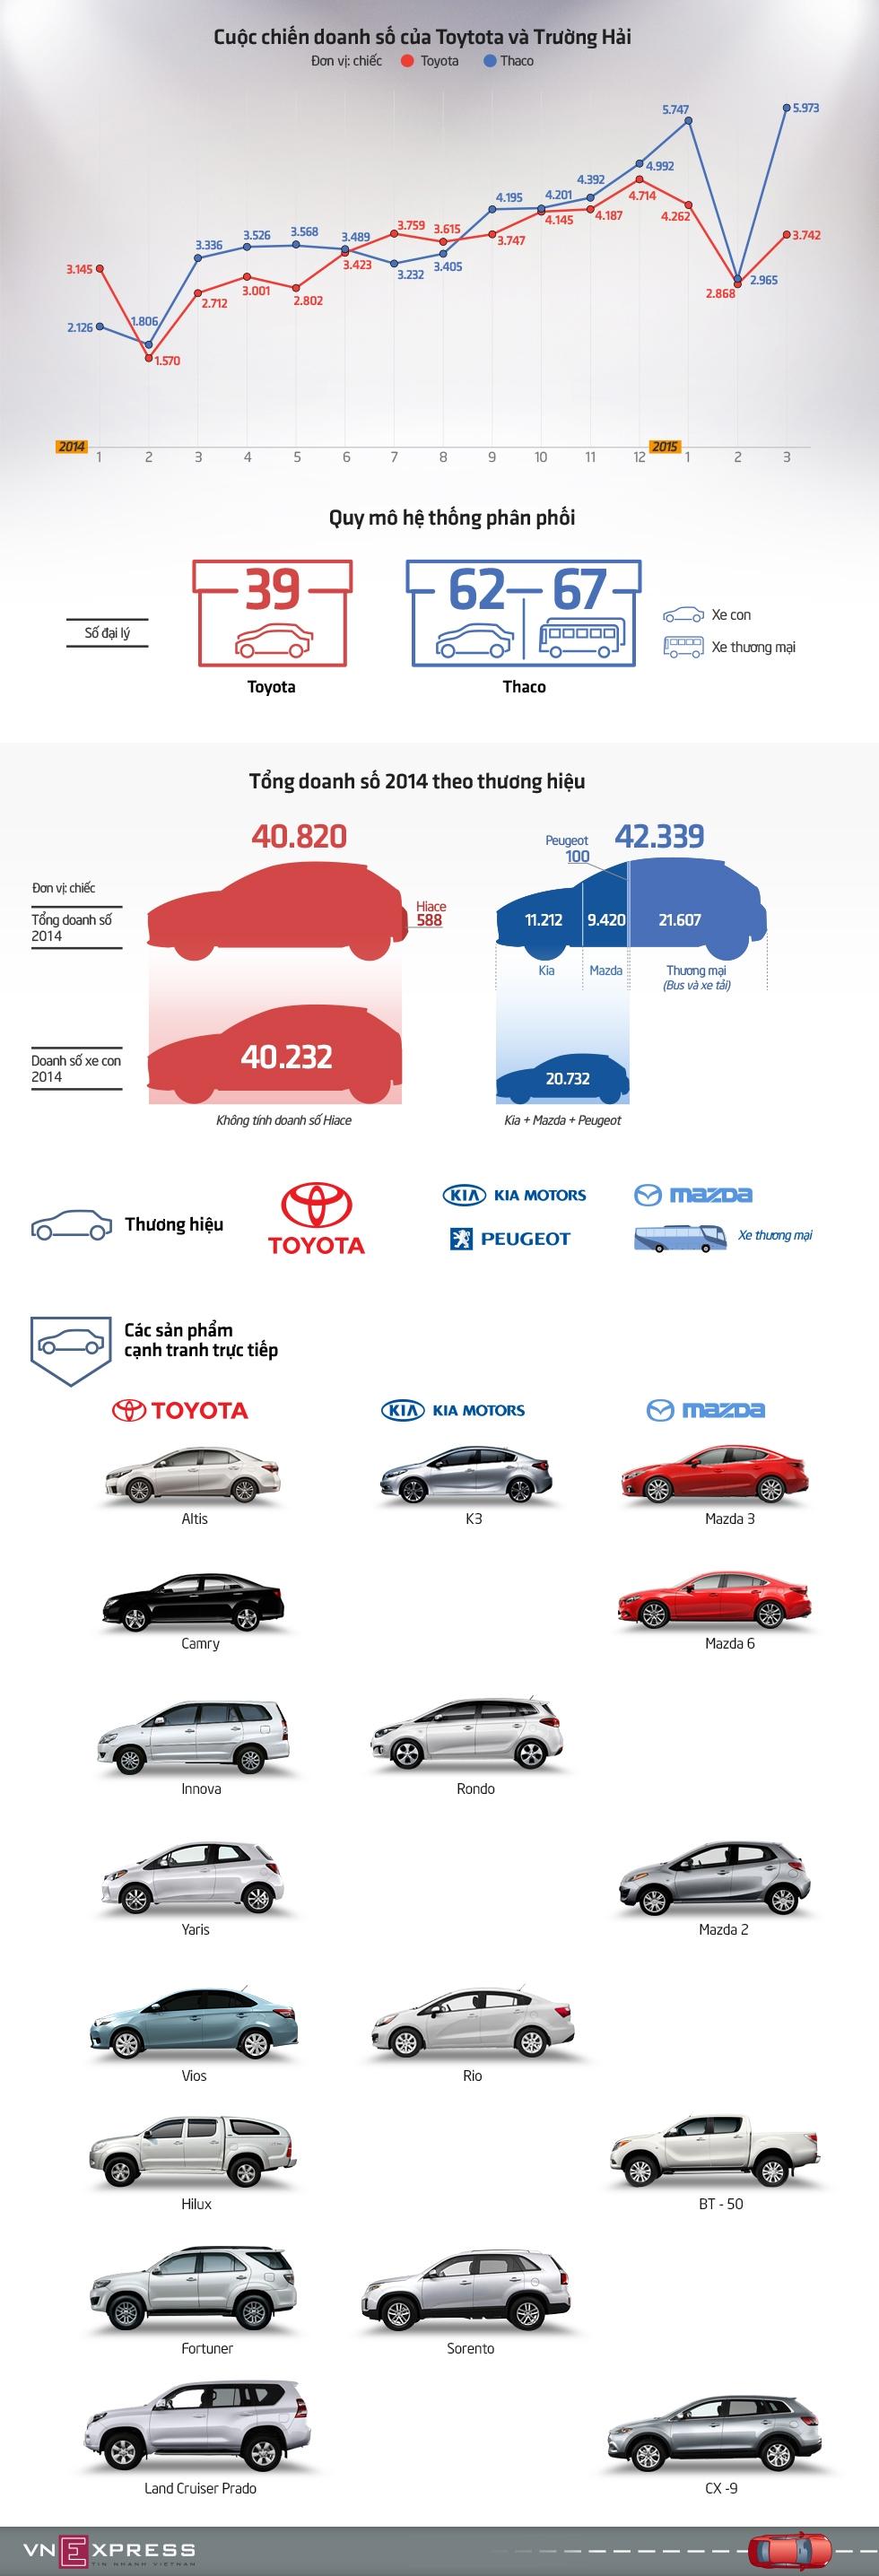 Toyota và Trường Hải - cuộc chiến ngôi vương tại Việt Nam